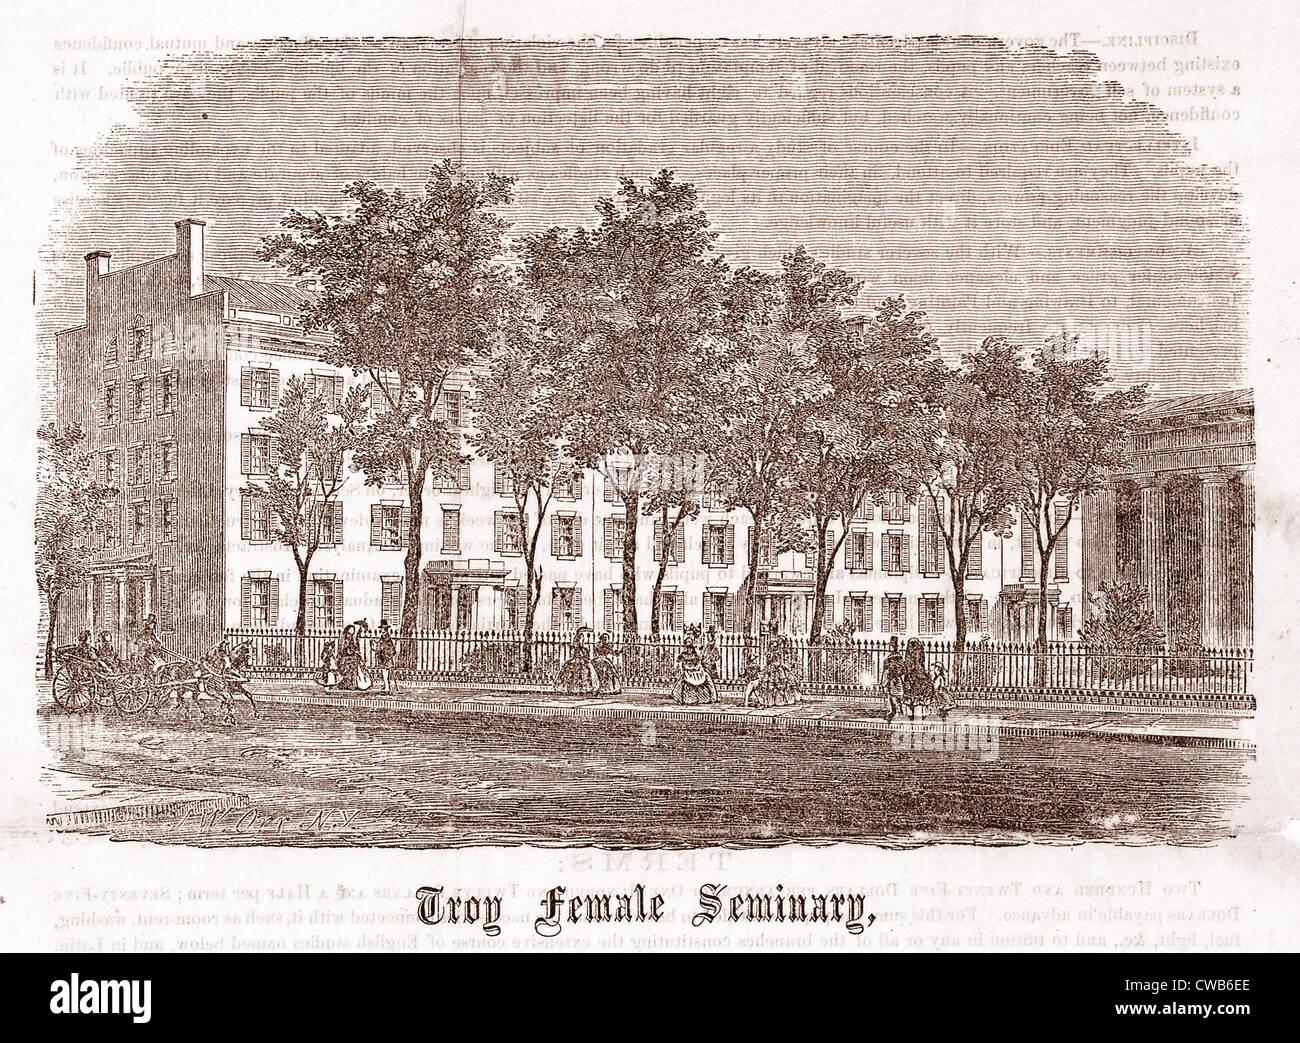 Troy Female Seminary, woodcut, 1800 - Stock Image